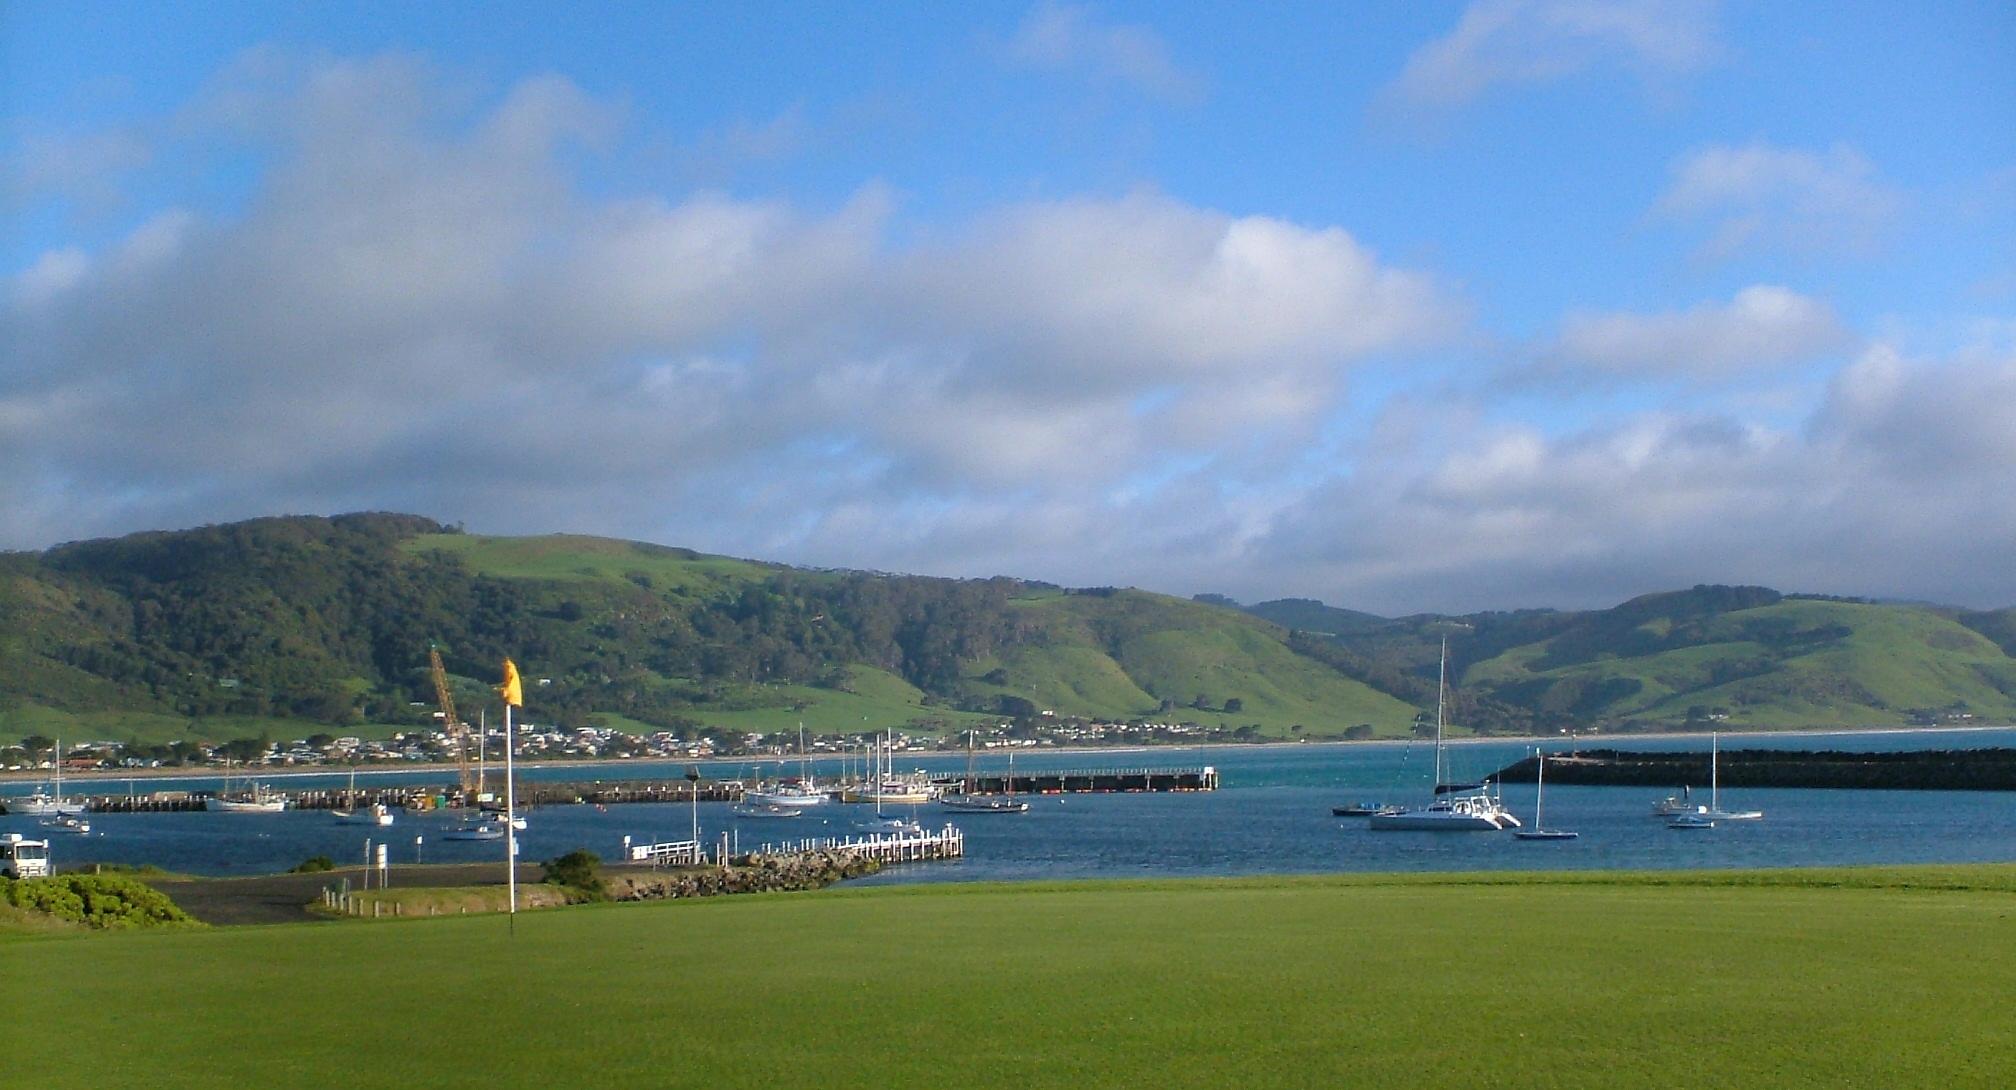 Apollo Bay golf course